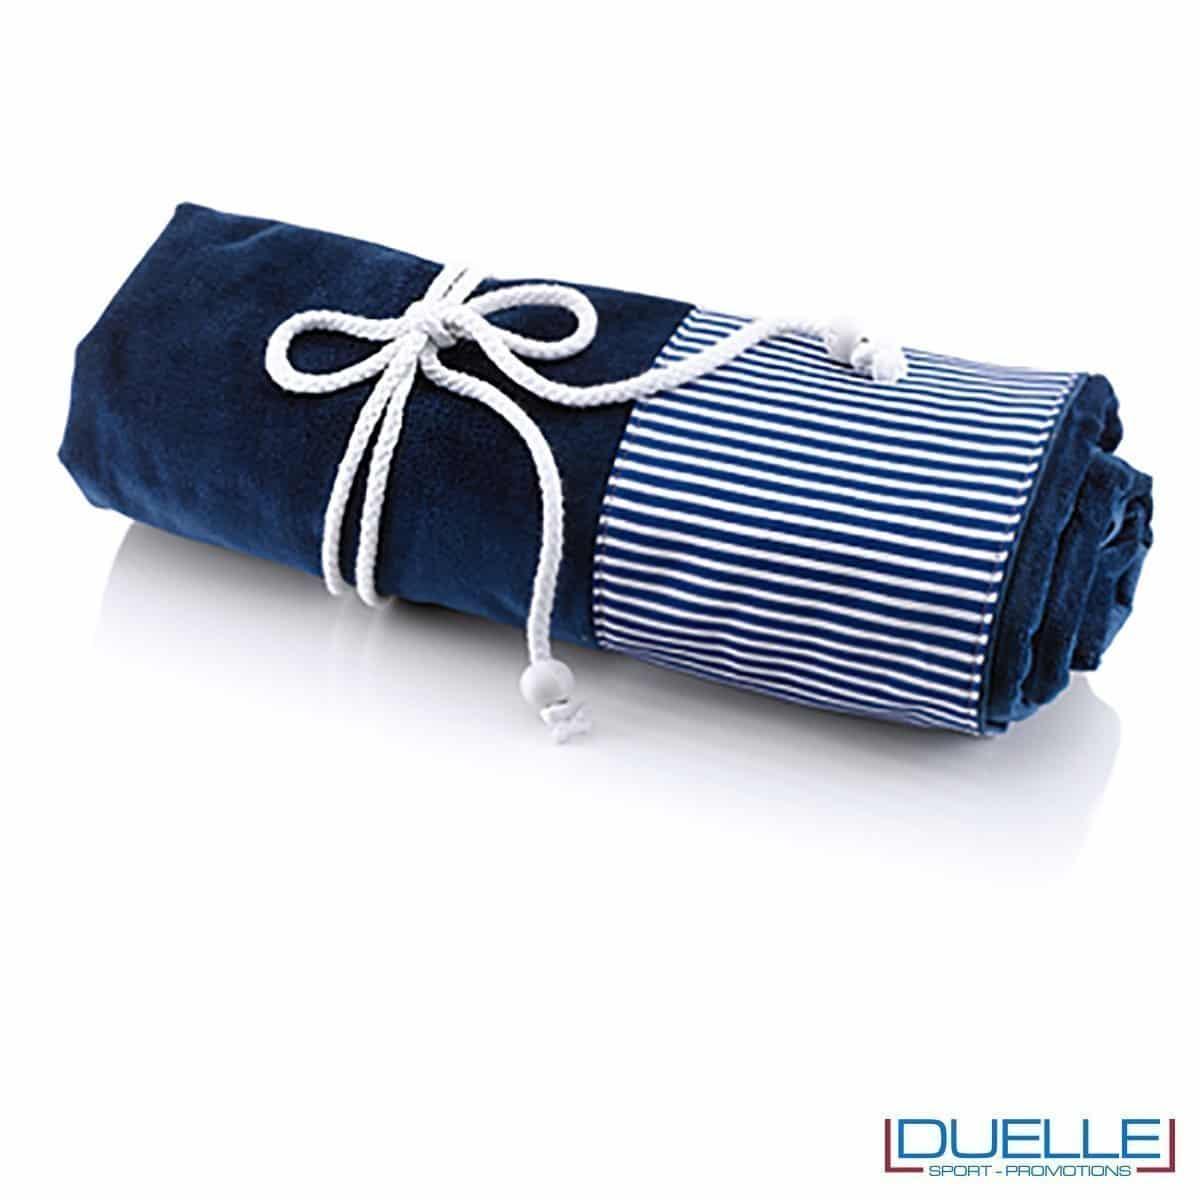 telo mare personalizzato cotone, gadget estate blu navy